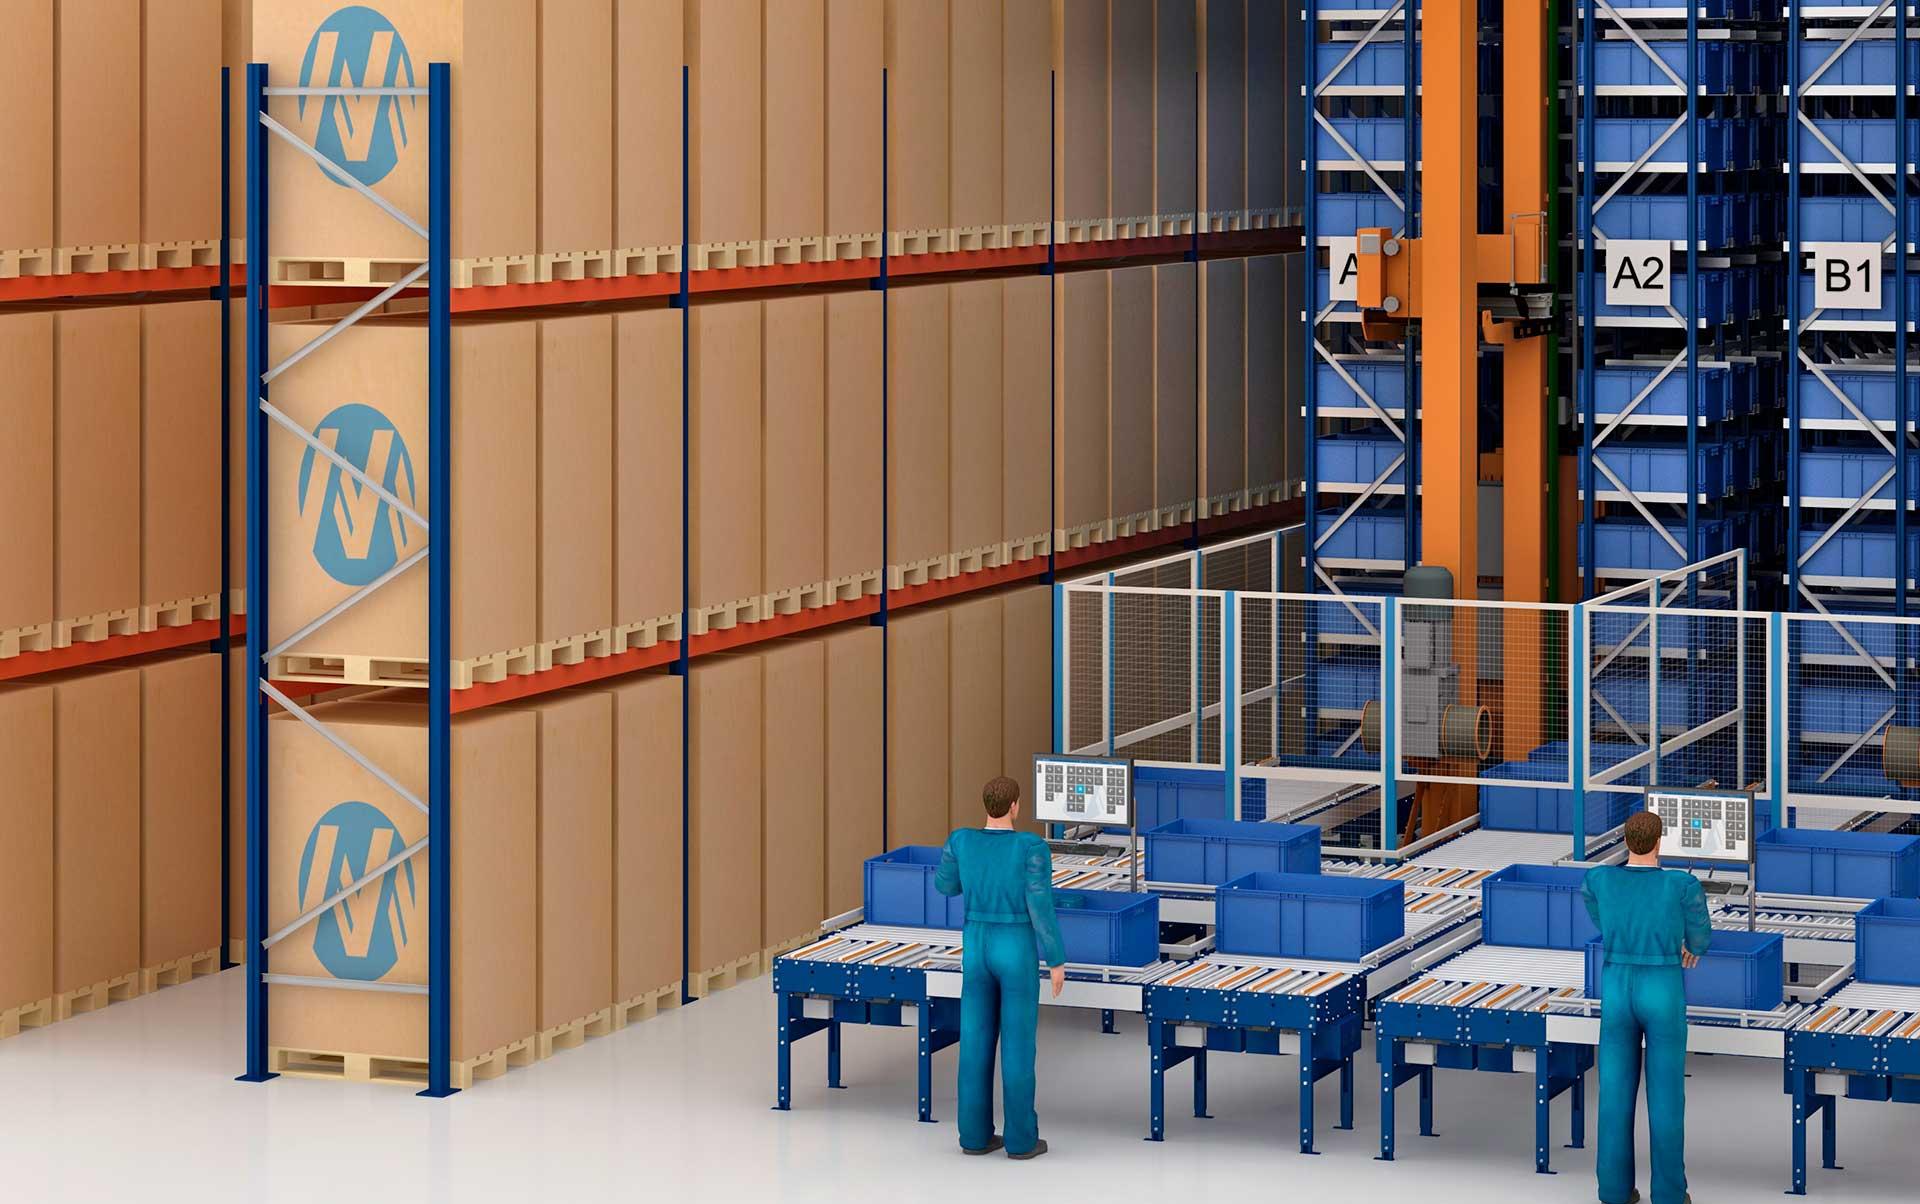 TLHP digitalizará toda su logística con la ayuda de Easy WMS de Mecalux